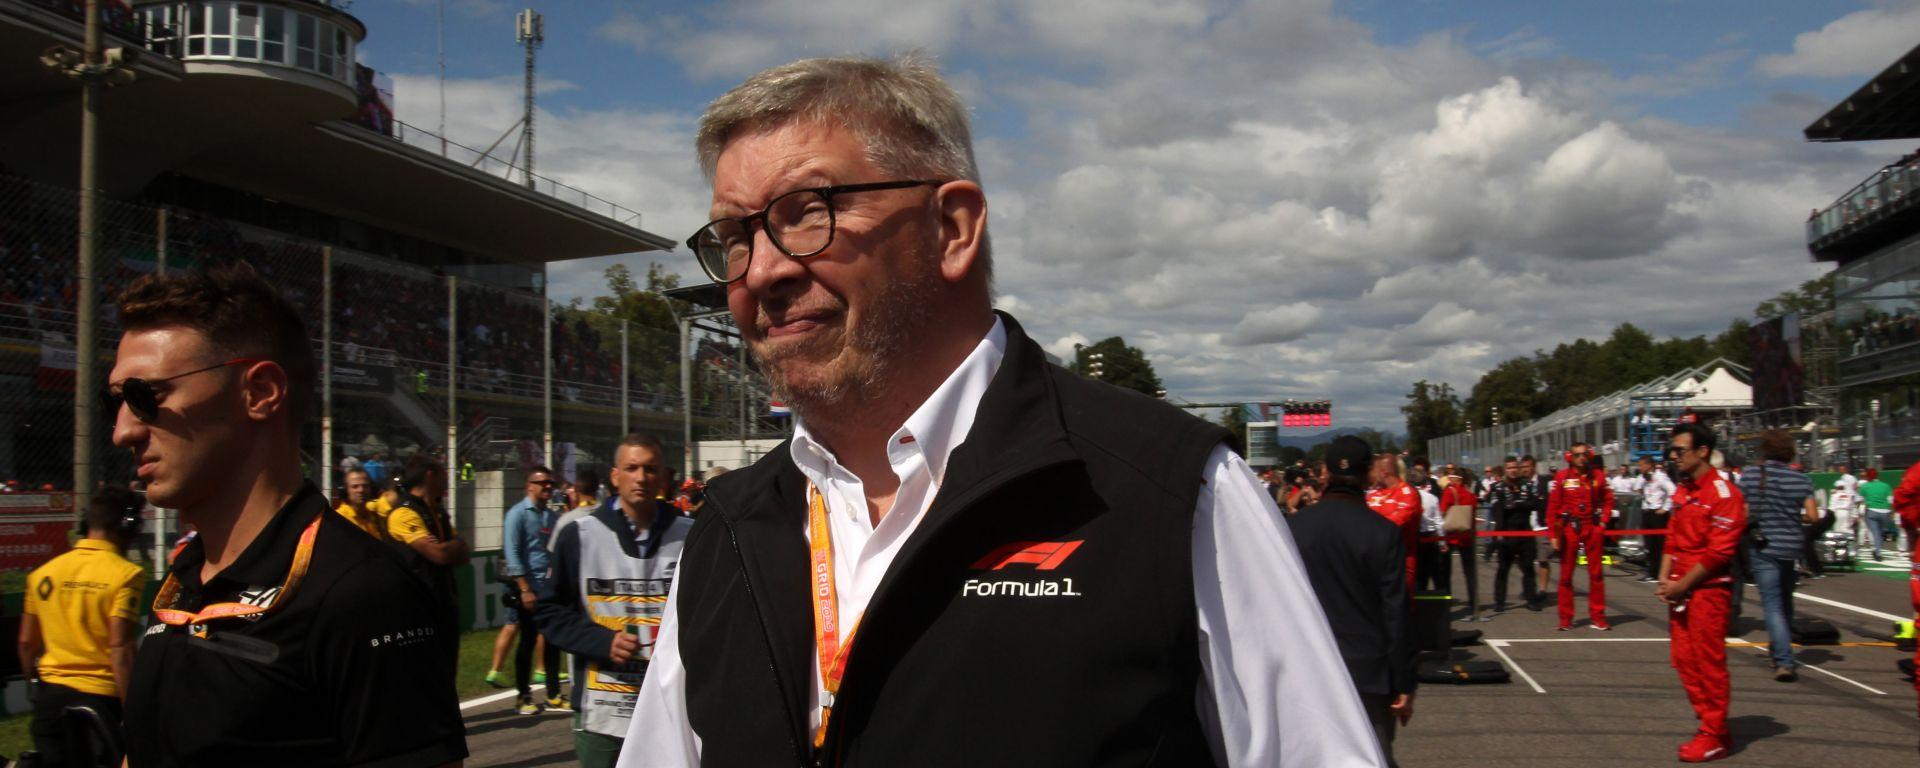 F1 GP Italia 2019, Monza: il responsabile sportivo per Liberty Media, Ross Brawn